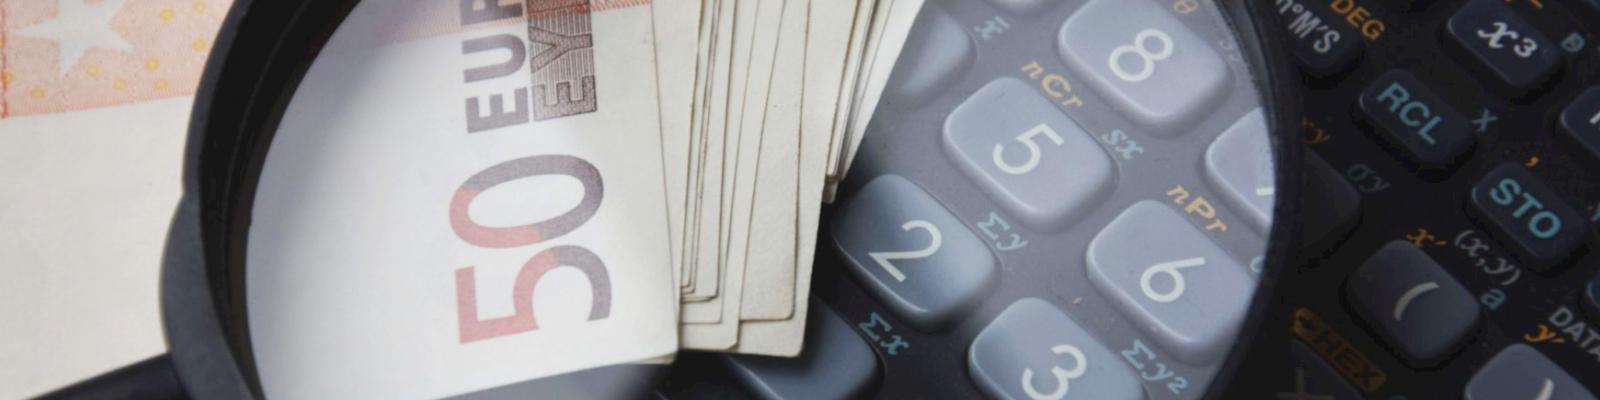 Loep briefgeld en rekenmachine